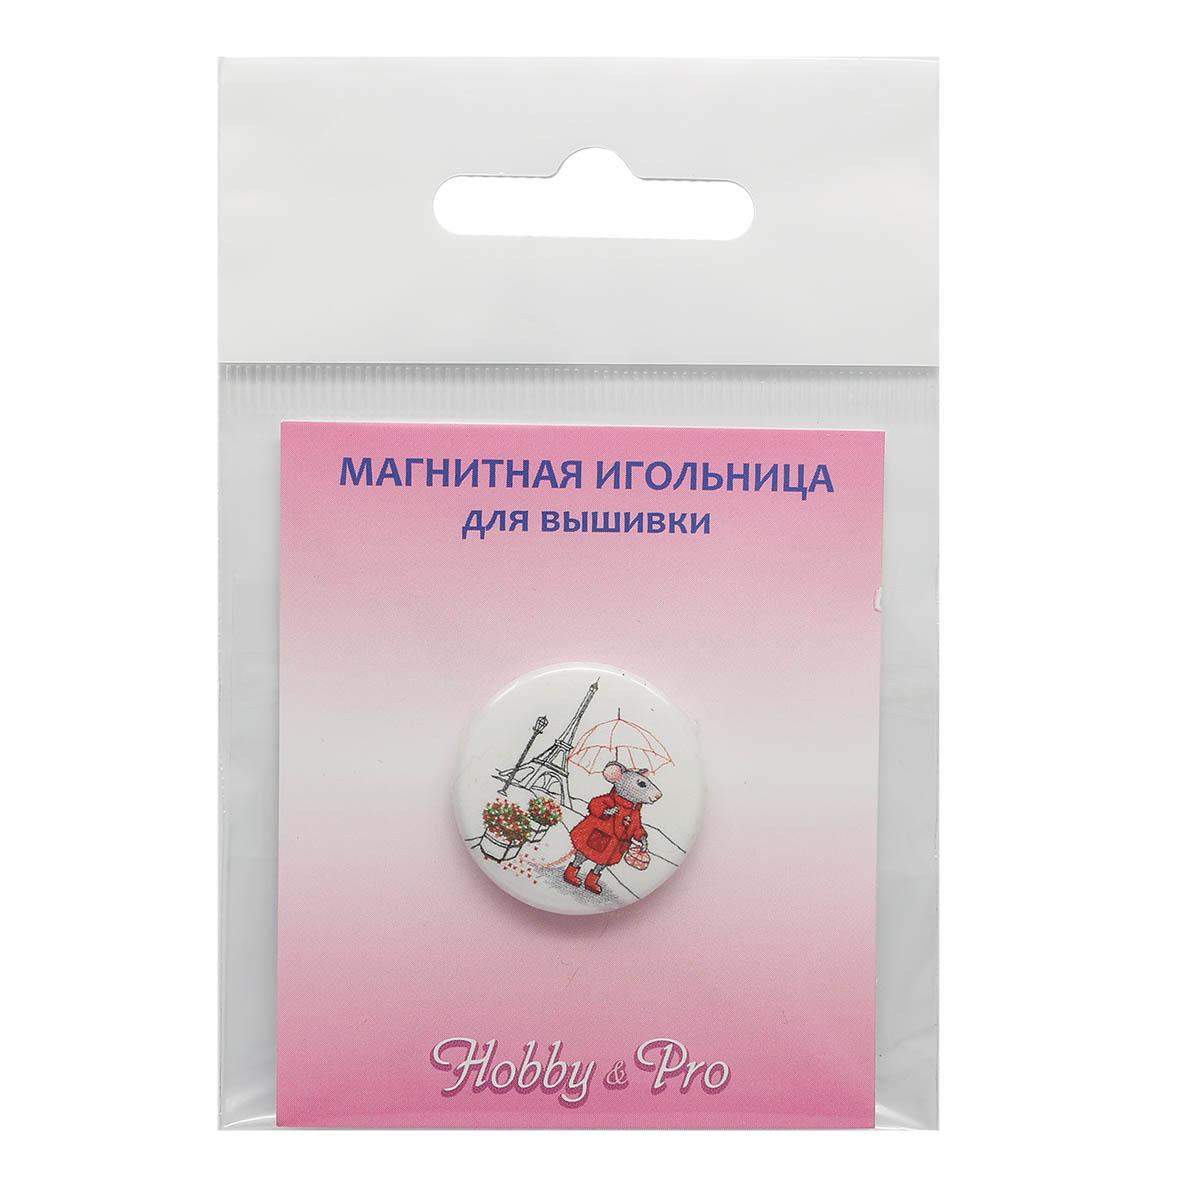 ИГ-16 Магнитная игольница 'Мышка в Париже' 25*3мм Hobby&Pro